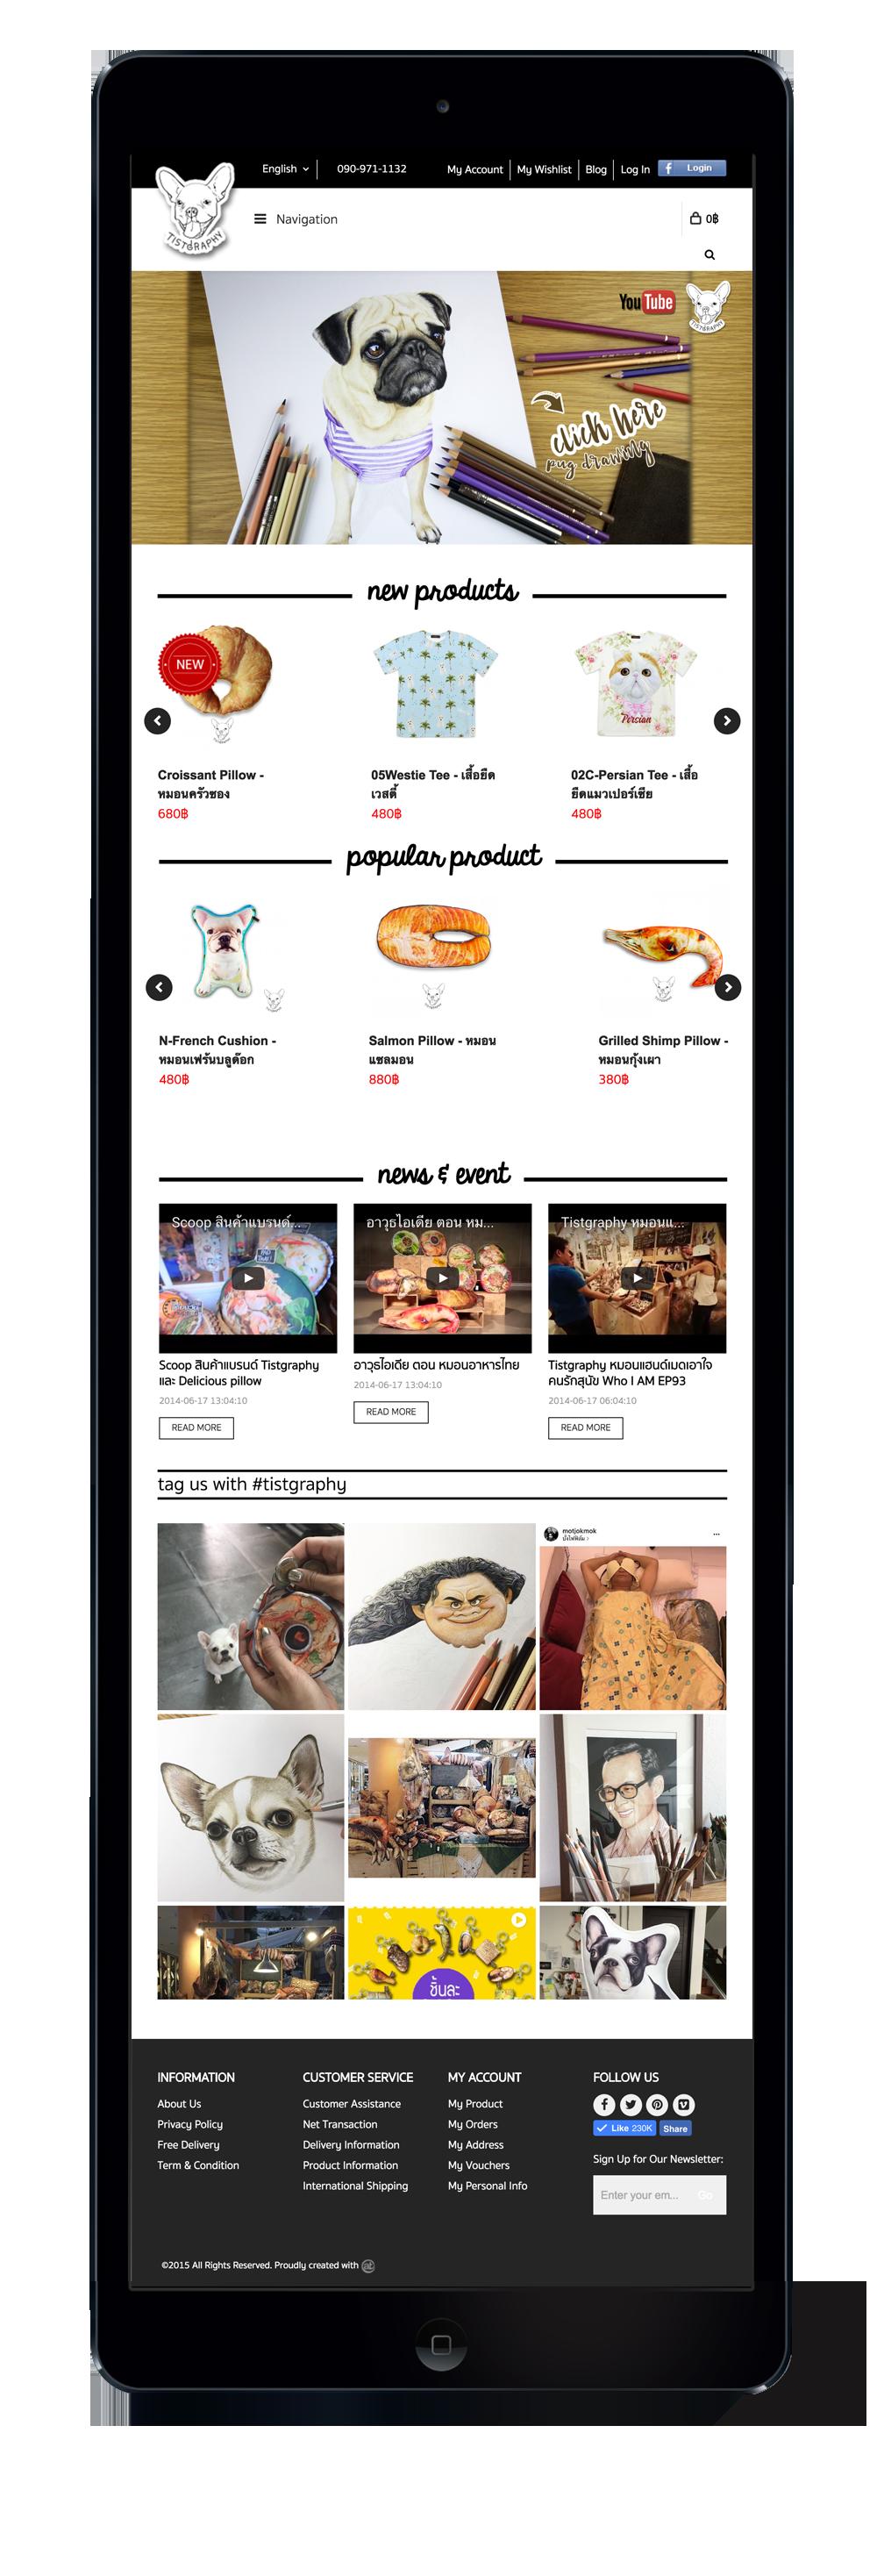 Tistgraphy-iPad